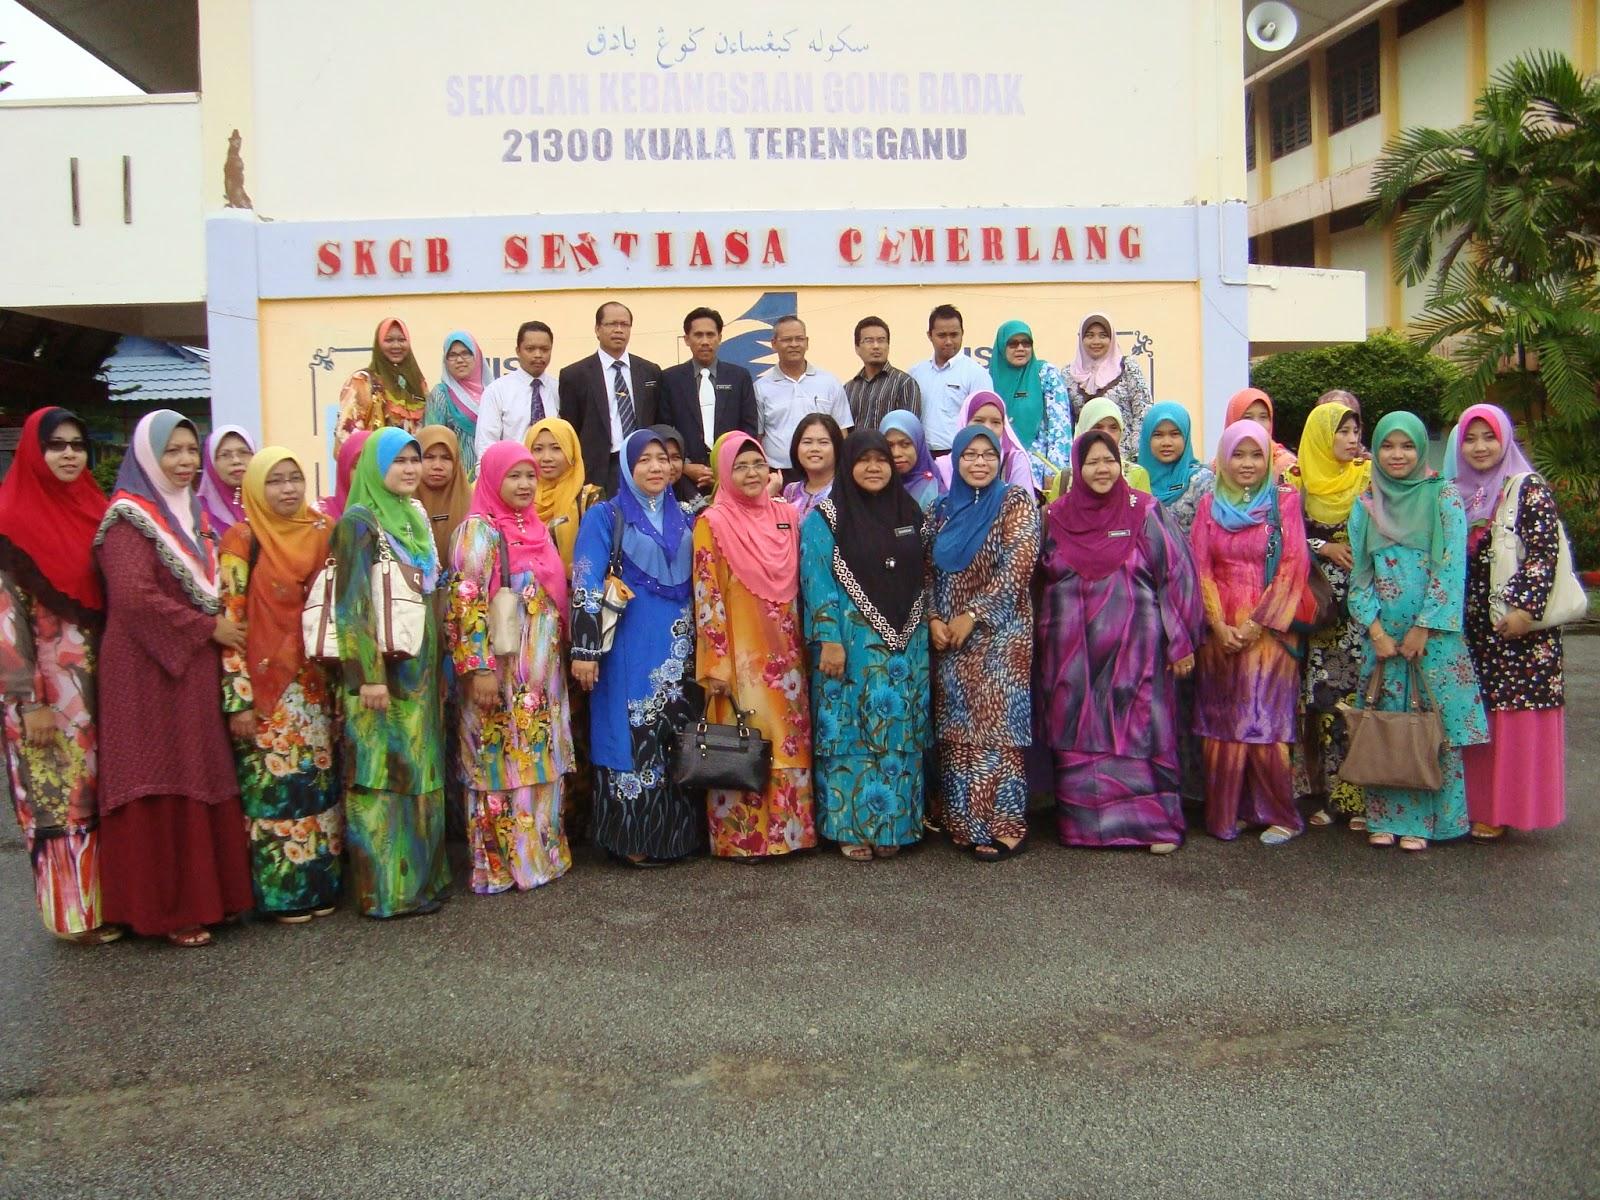 jabatan pendidikan wilayah persekutuan kuala lumpur Lawatan sekolah sekitar putrajaya ke kru academy pada 3 & 4 mei 2017 terima kasih diucapkan kepada kaunselor sekolah dan semua pihak yang terlibat semoga b.